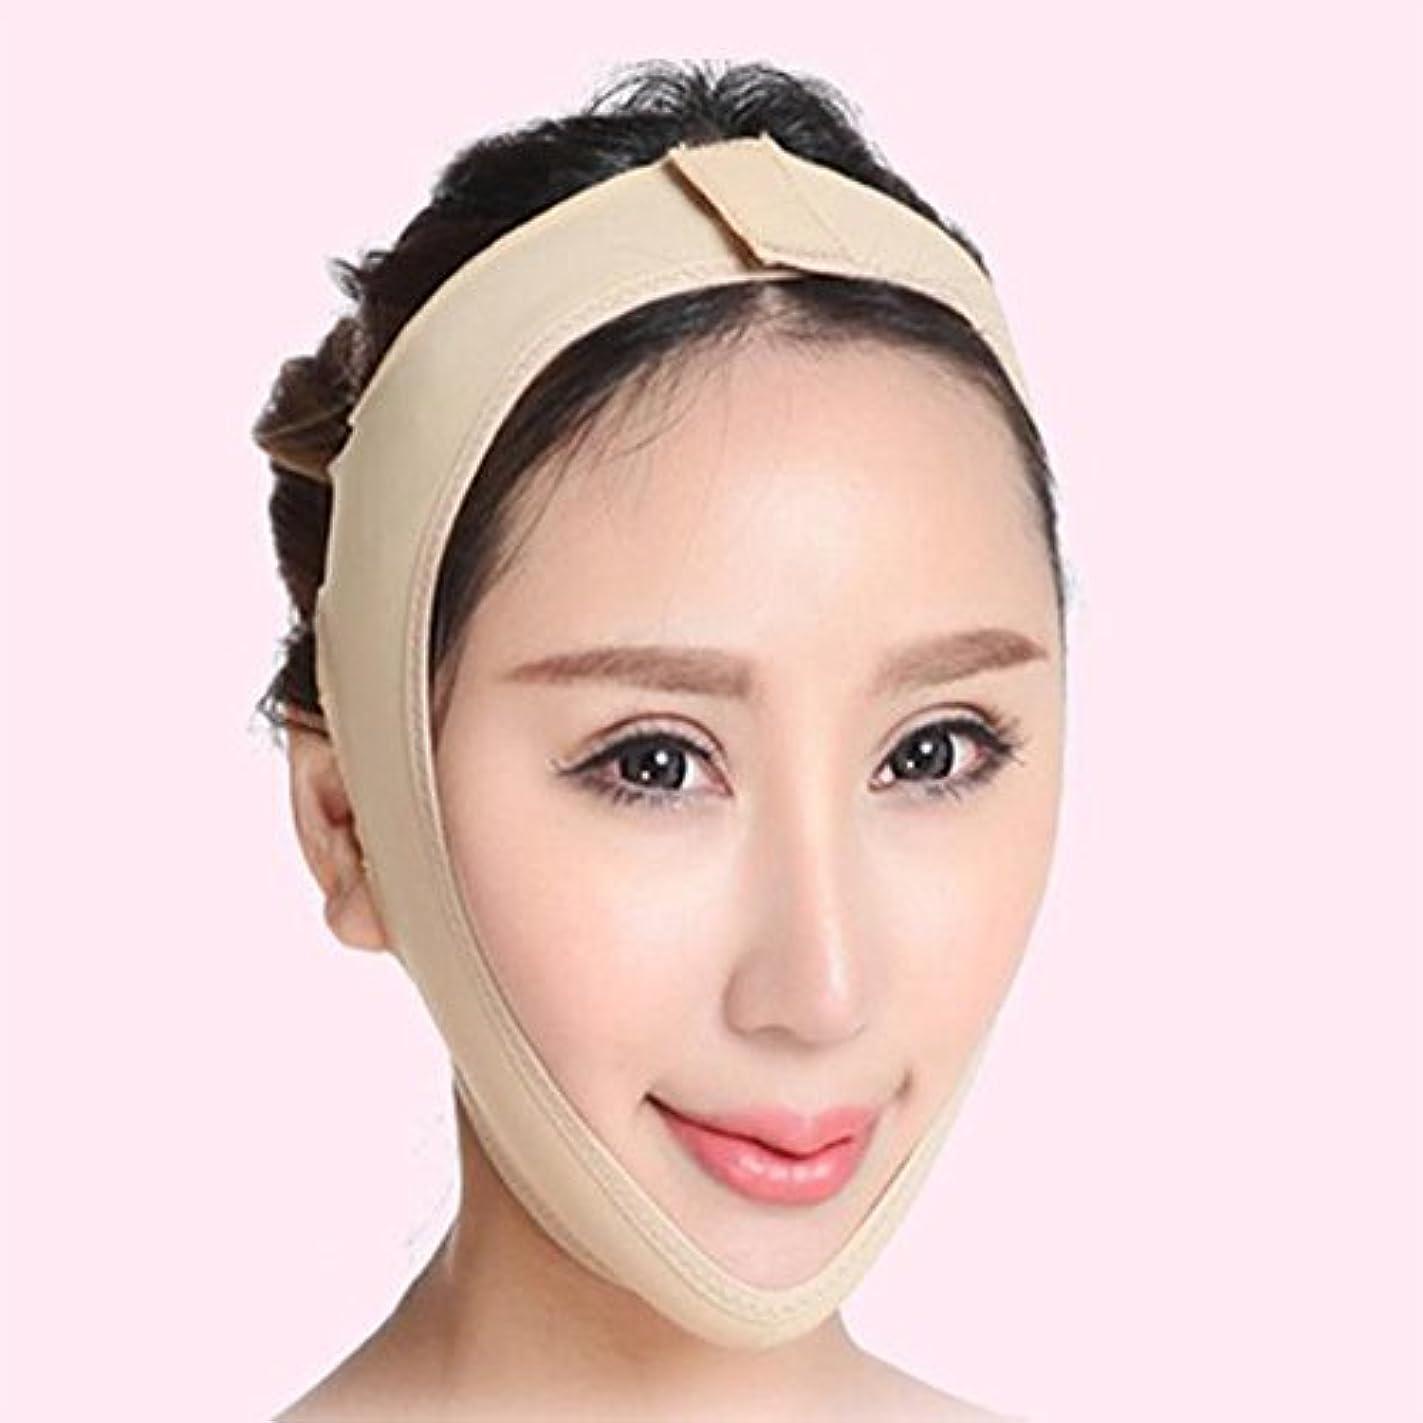 神秘メロディアス最小化するSD 小顔 小顔マスク リフトアップ マスク フェイスライン 矯正 あご シャープ メンズ レディース XLサイズ AZD15003-XL